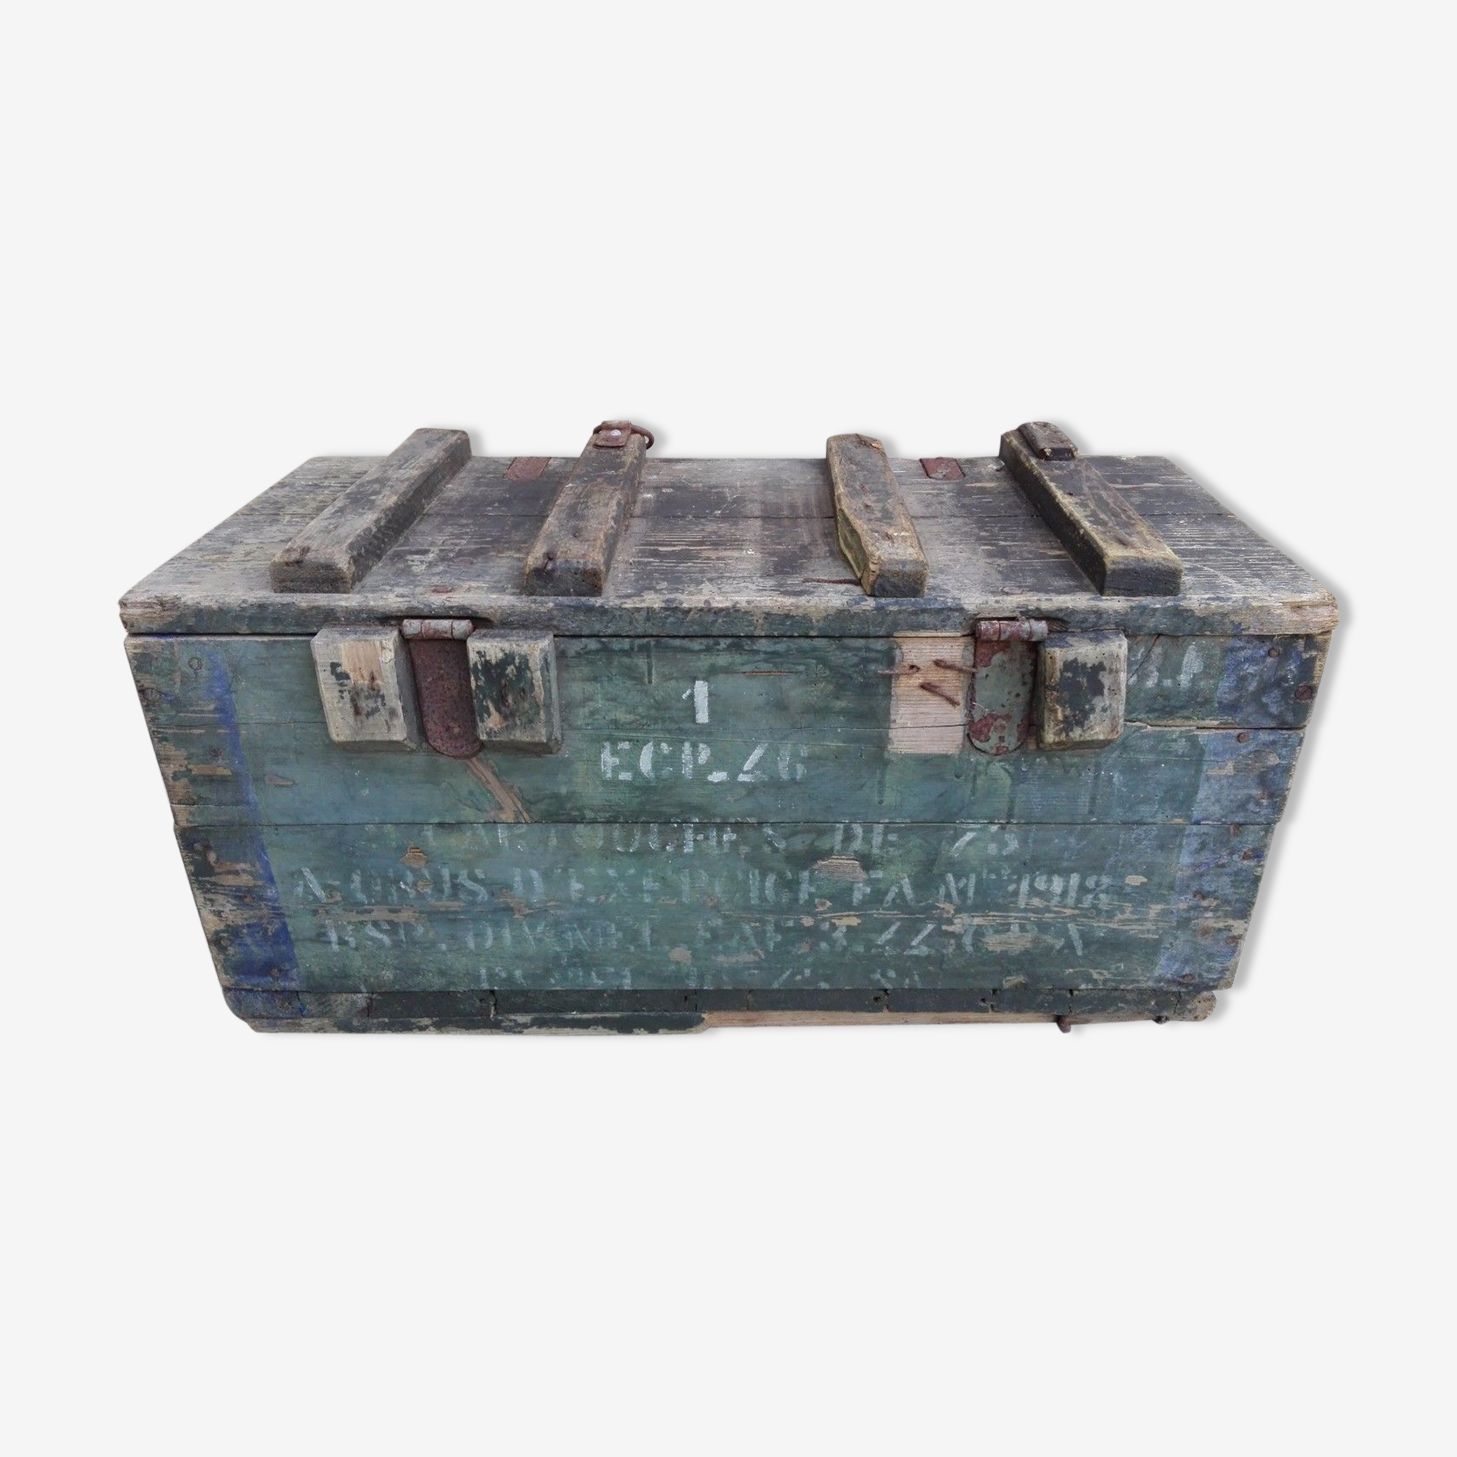 Caisse rectangulaire pour obus ou cartouches